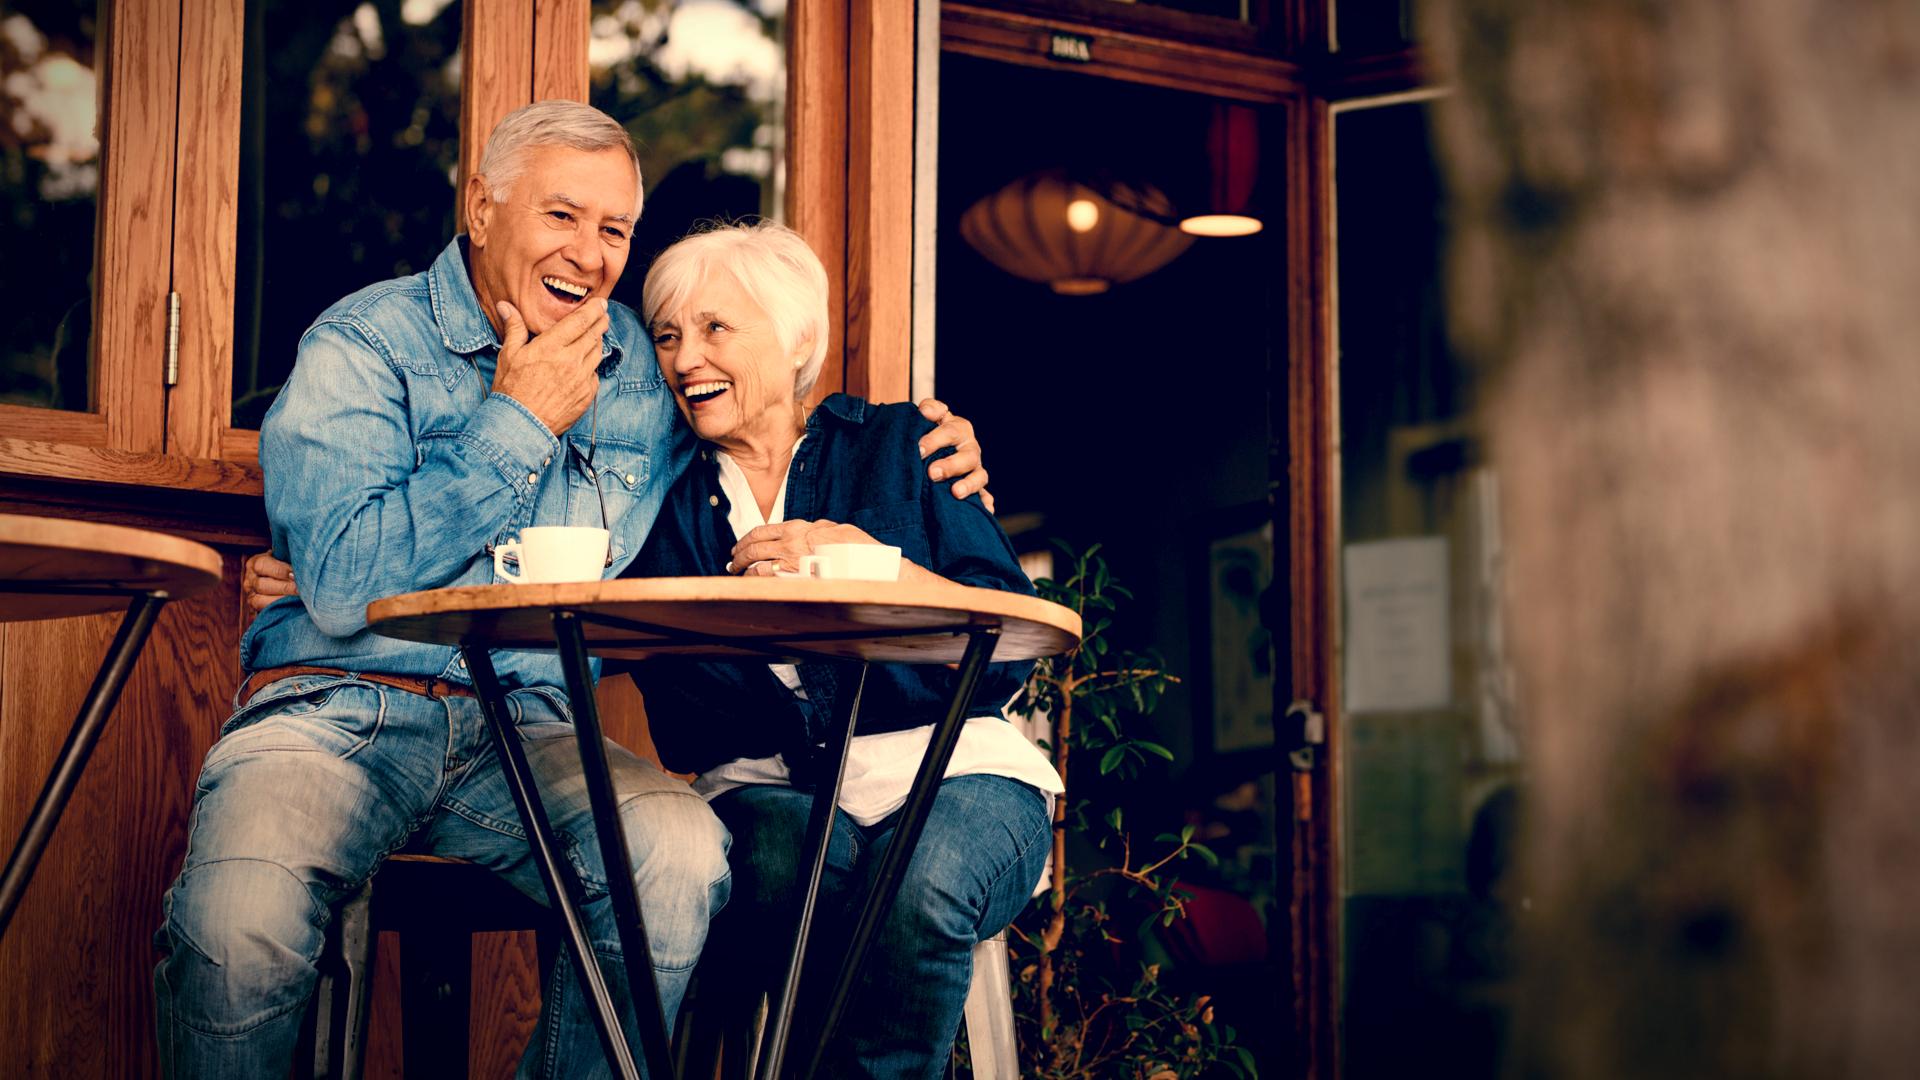 eac879478da Wells Fargo Has Retirement Advice for Millennials